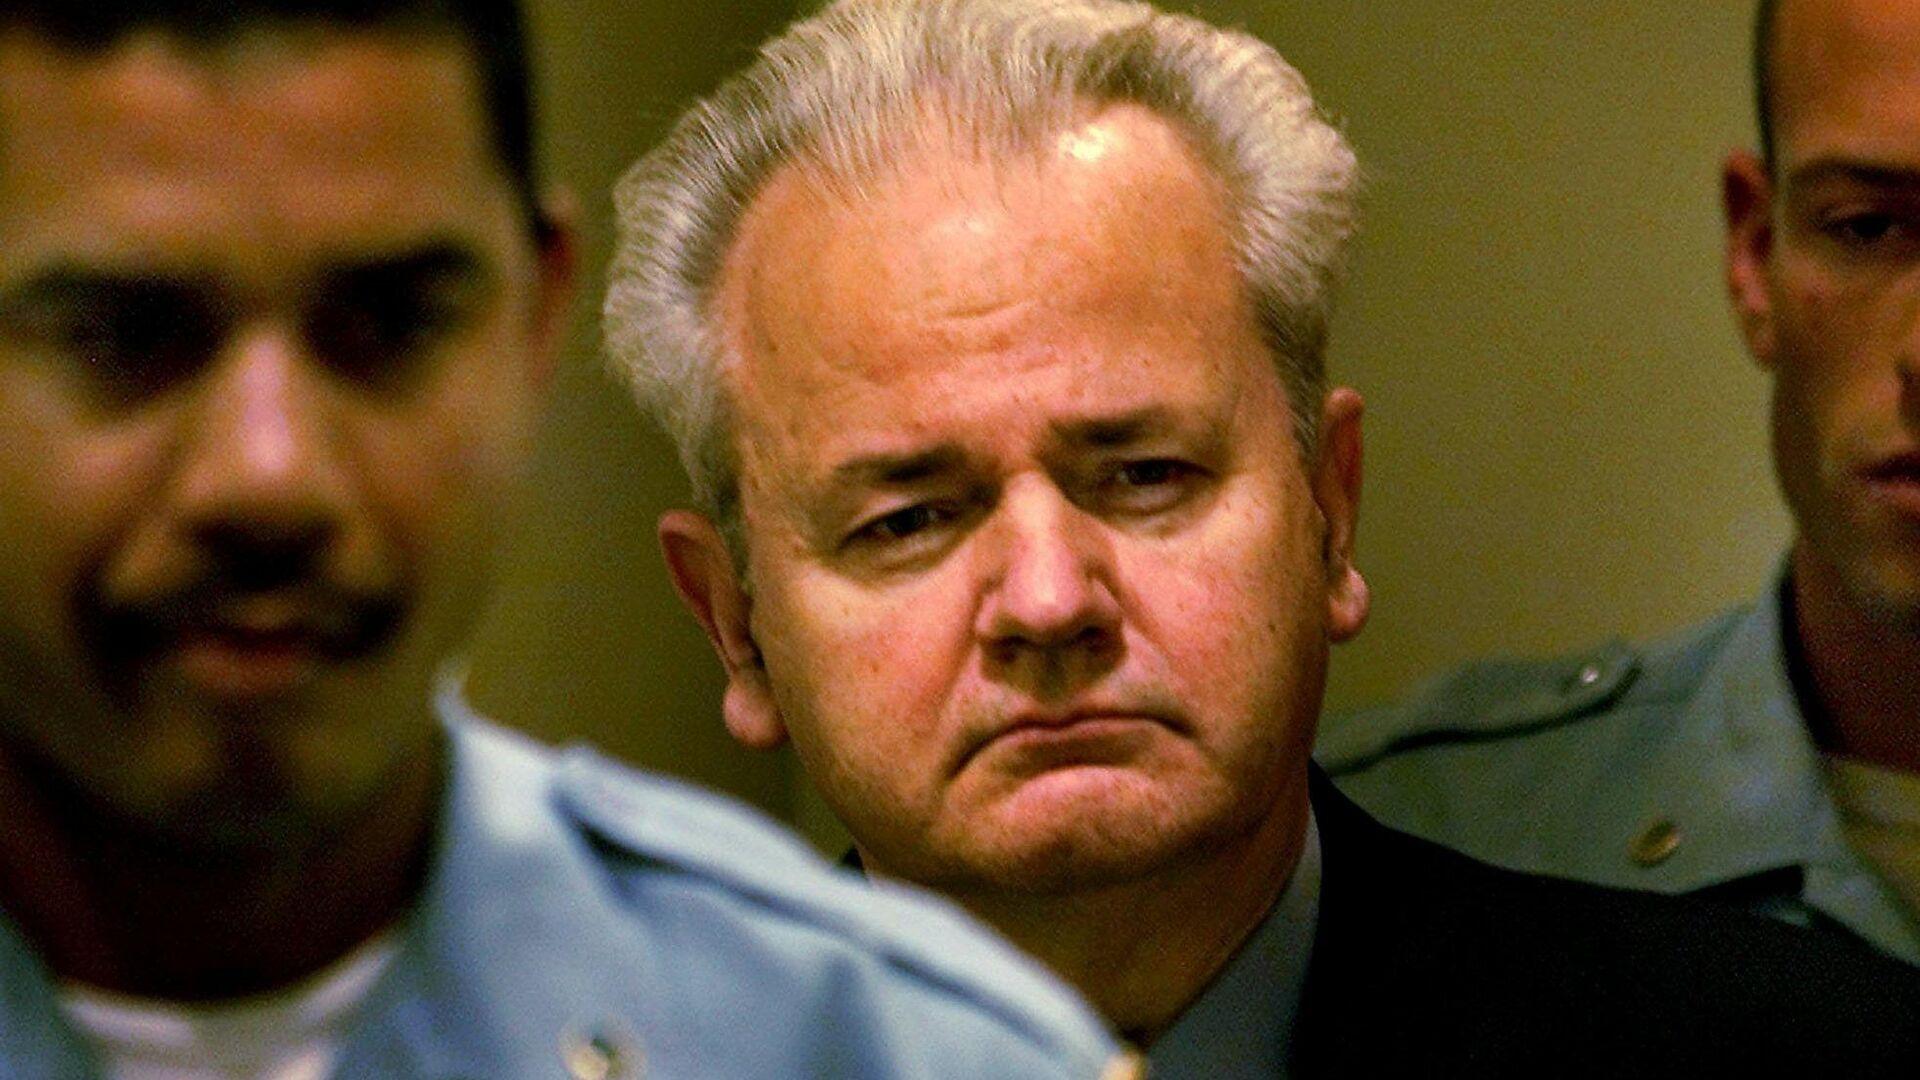 Бывший президент Югославии Слободан Милошевич перед началом заседания суда по военным преступлениям в Гааге. 11 декабря 2001 - РИА Новости, 1920, 11.03.2021